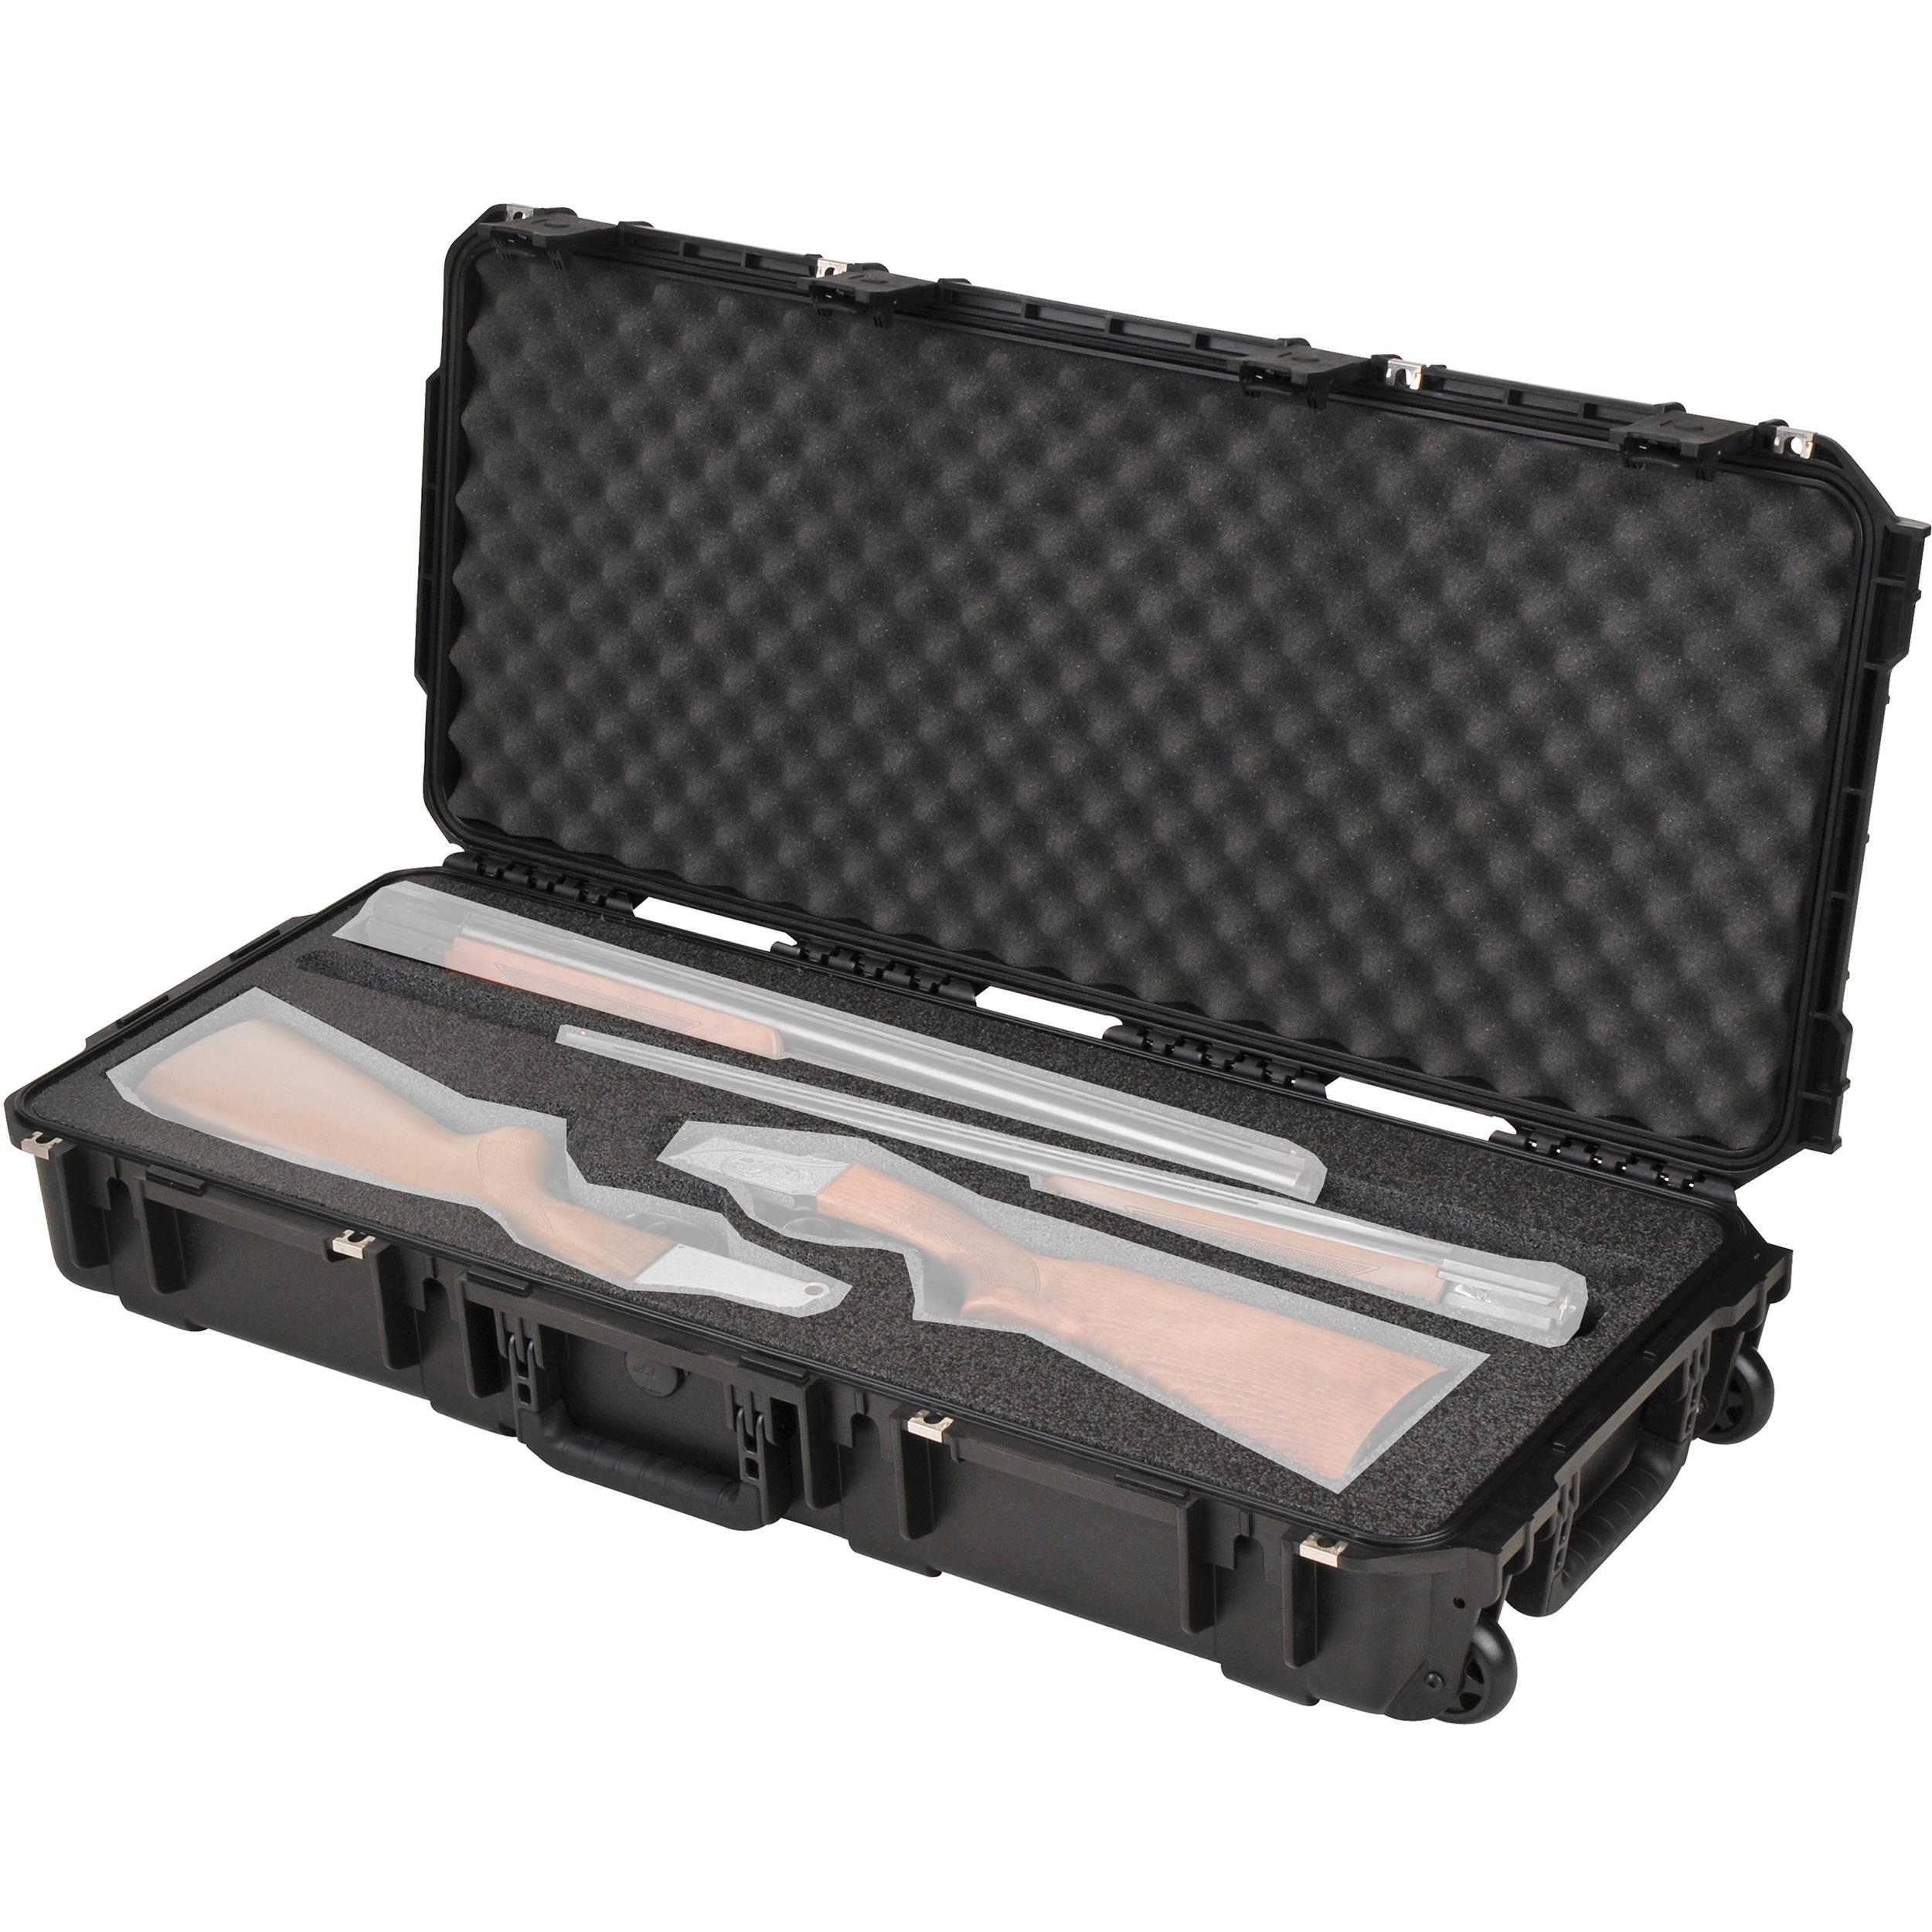 SKB iSeries Double Custom Takedown Shotgun Case (Black)